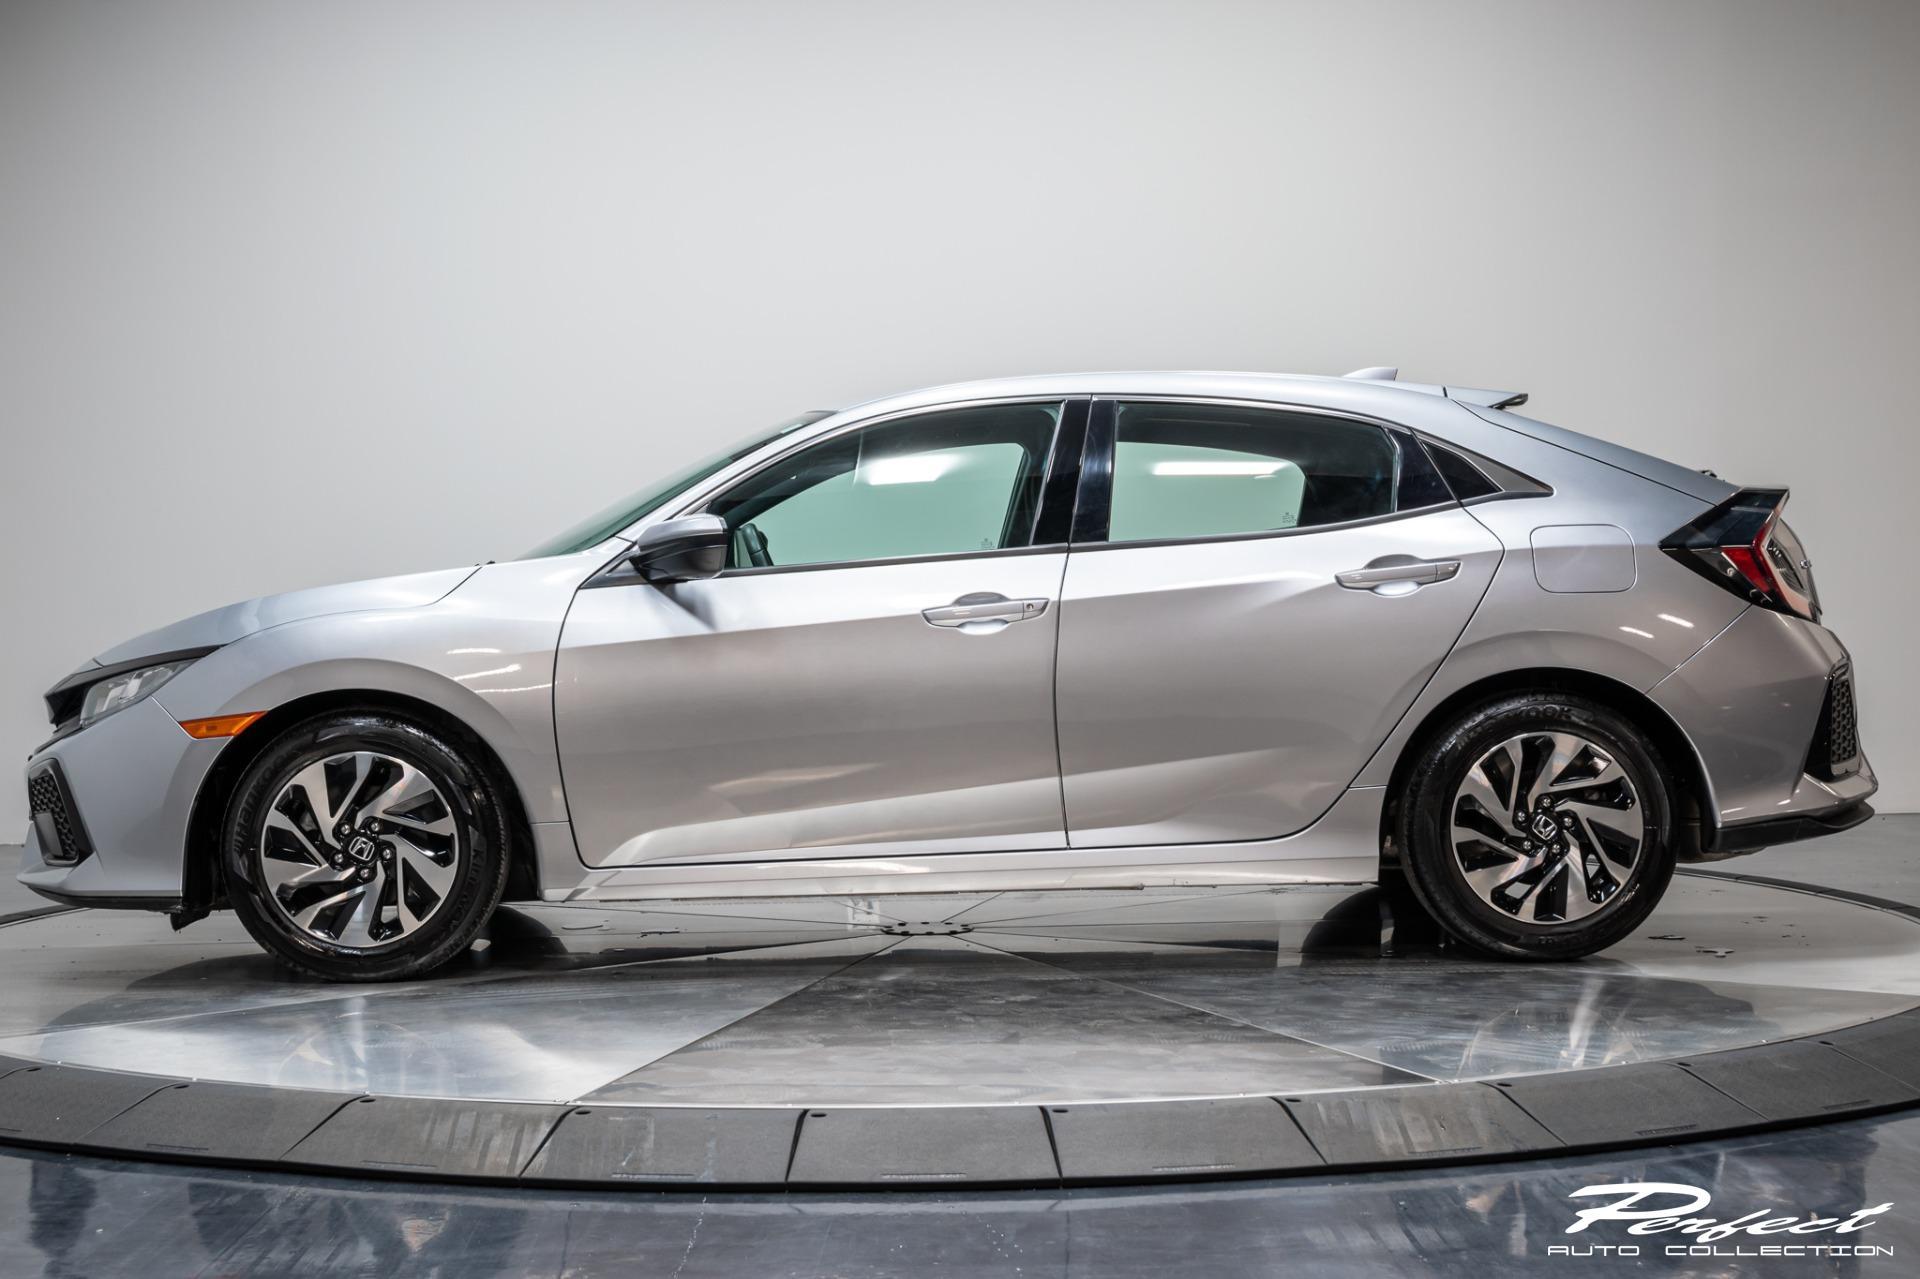 Used 2019 Honda Civic LX